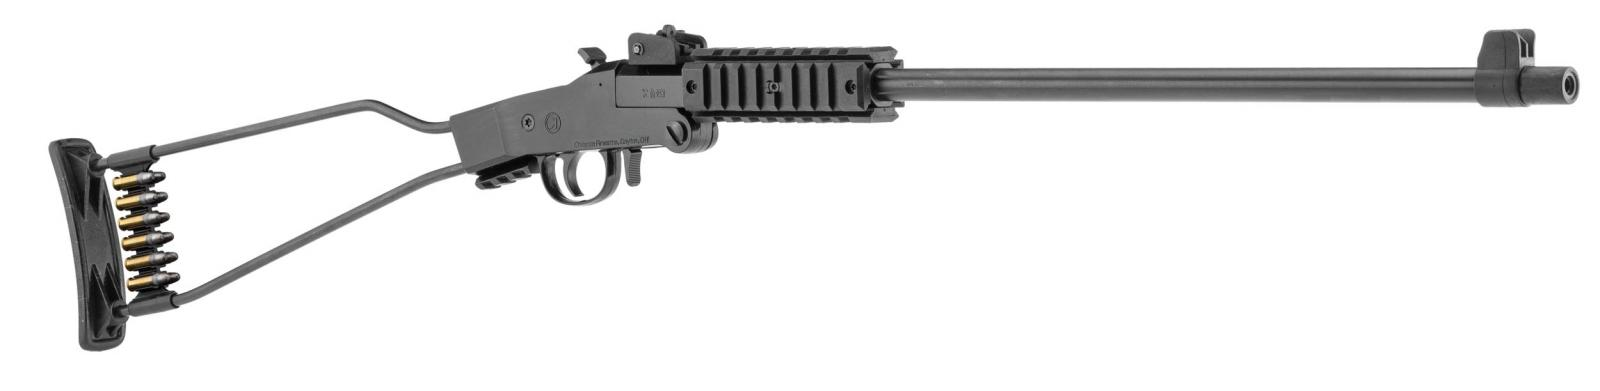 Carabine pliante CHIAPPA Little Badger cal 22 Lr ou 22 Mag